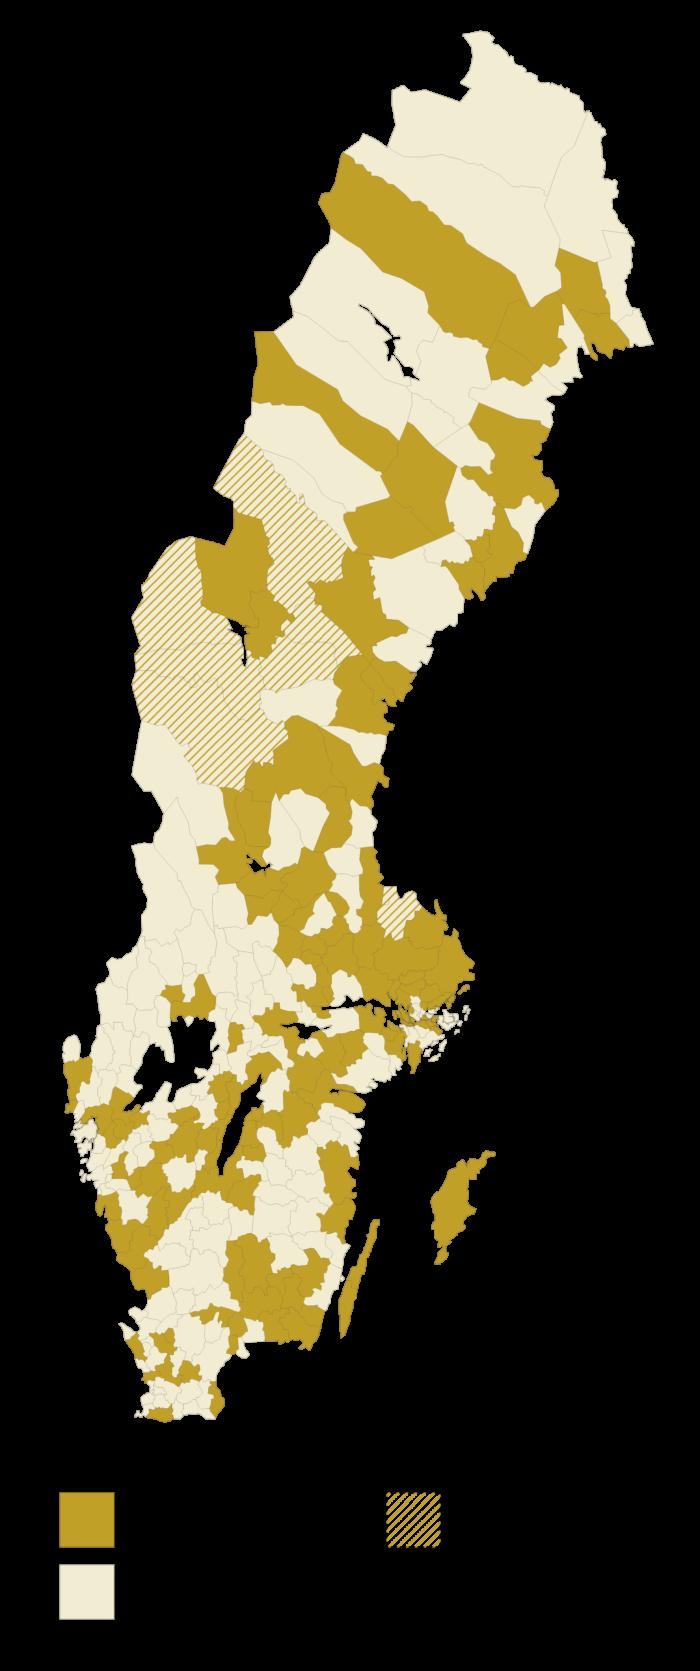 Sverigekarta med medlemskommunerna markerade.